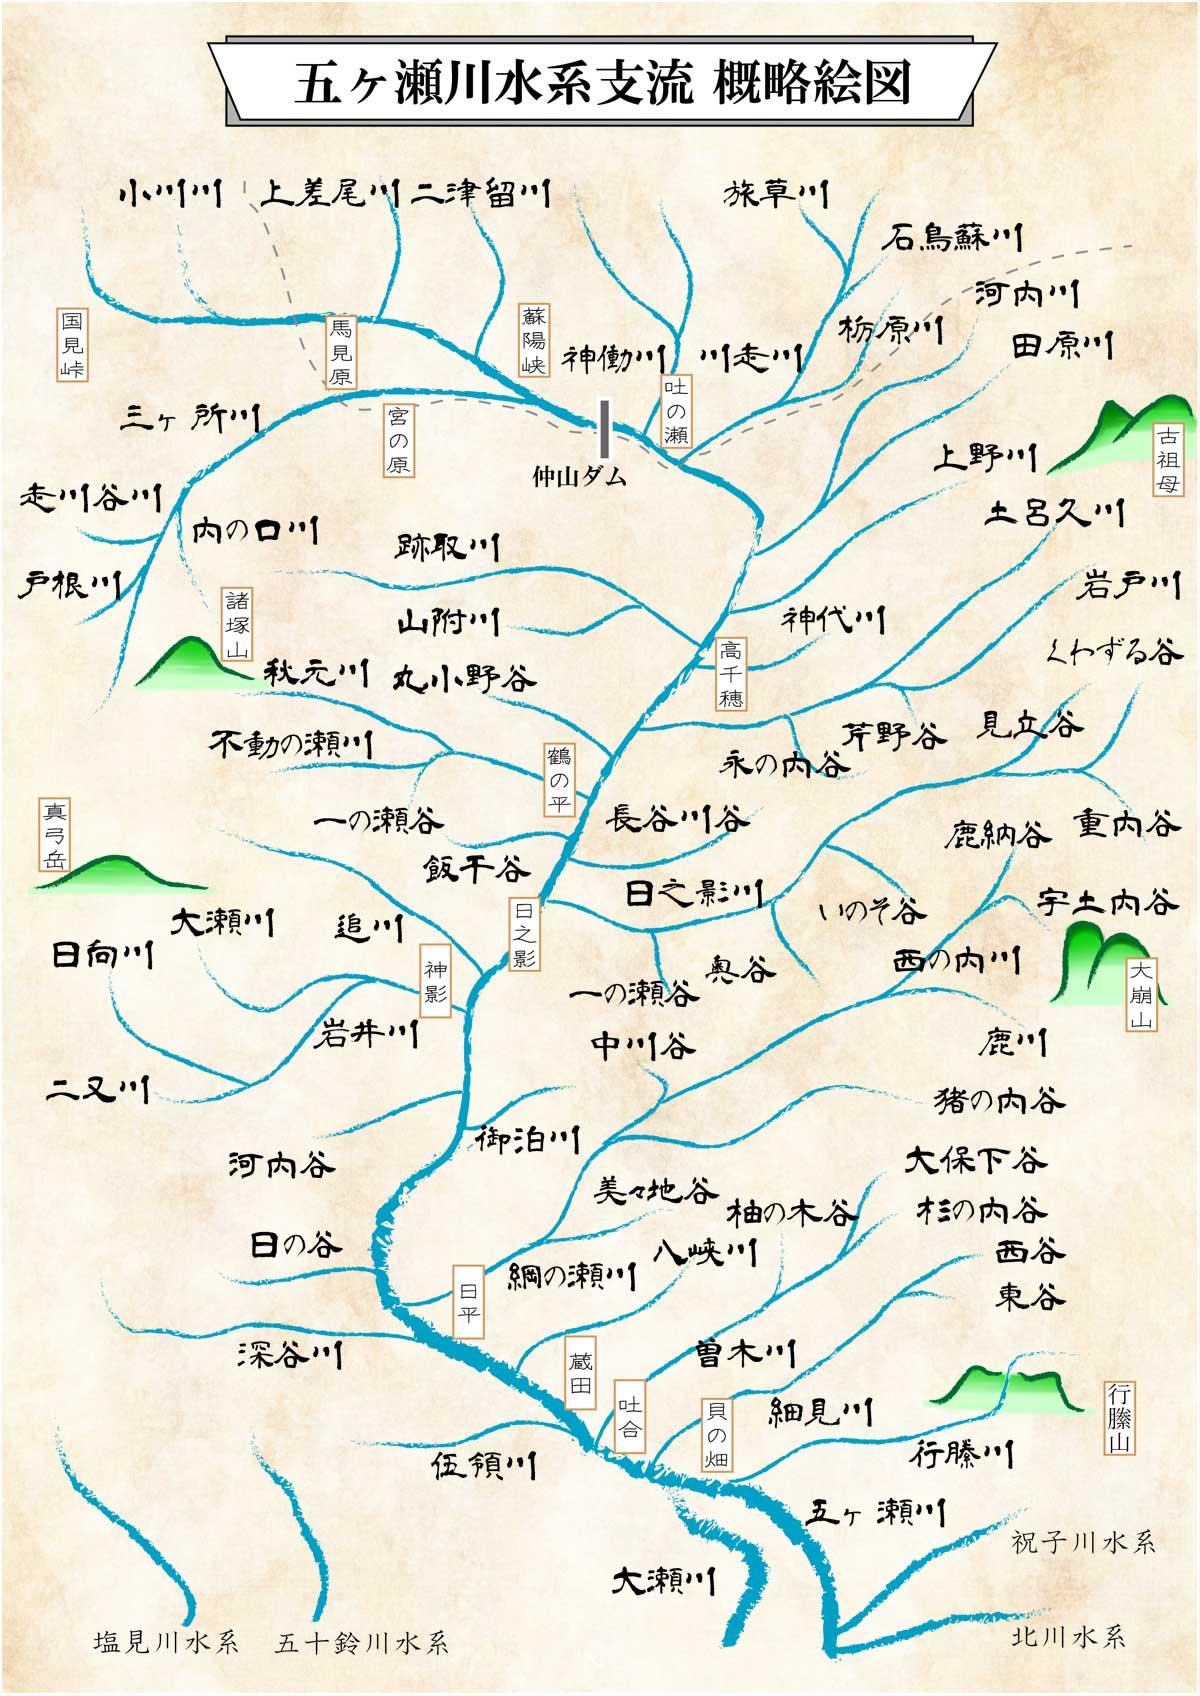 五ヶ瀬川水系 支流概略地図